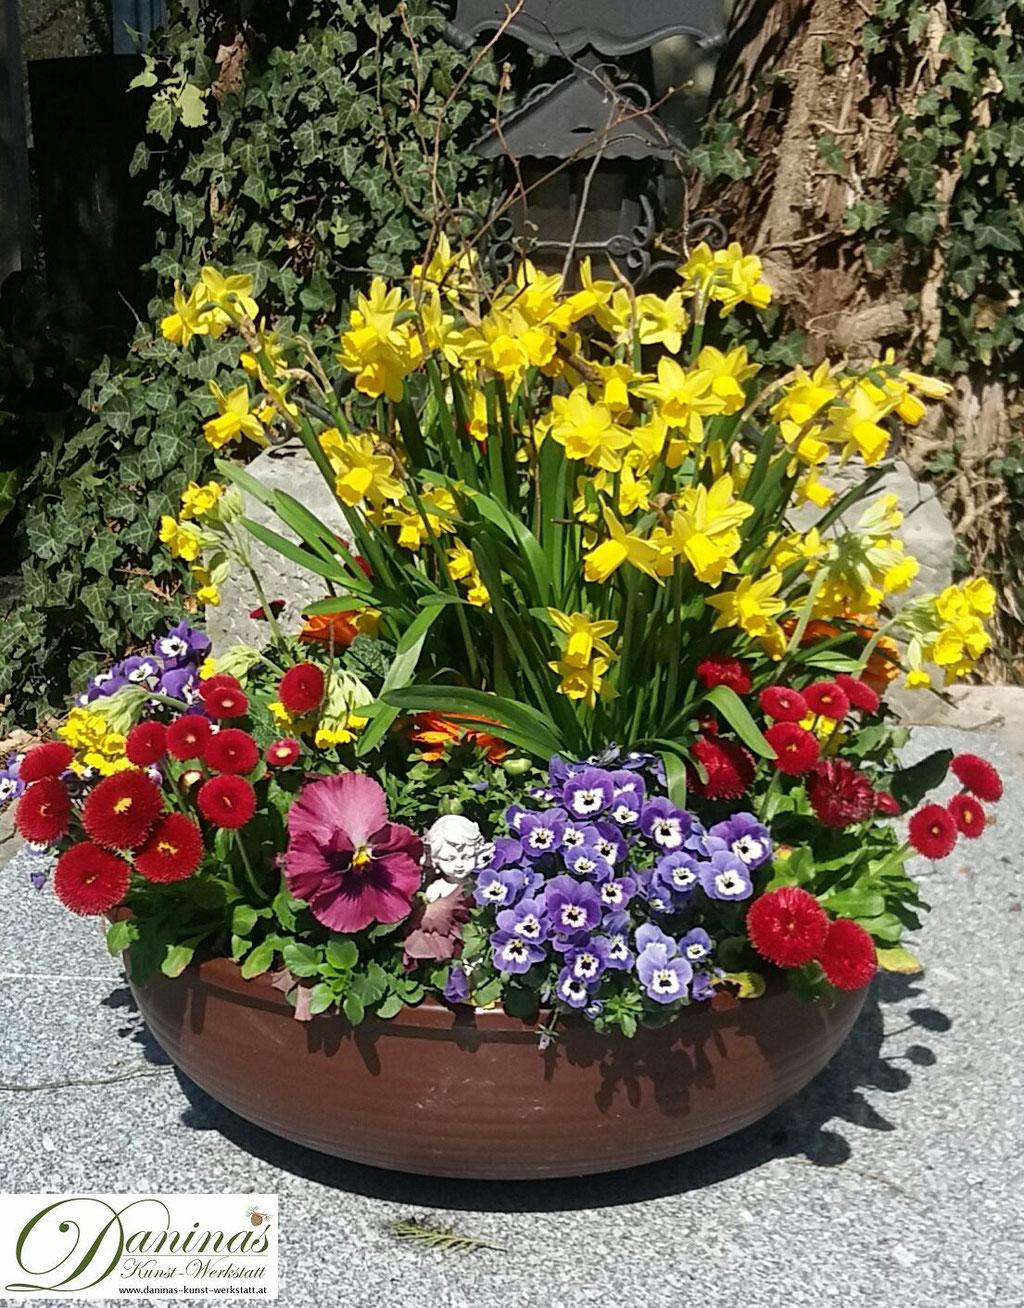 Grabbepflanzung Frühjahr pflegeleicht - Schale mit Märzenbecher, roten Bellis und Stiefmütterchen